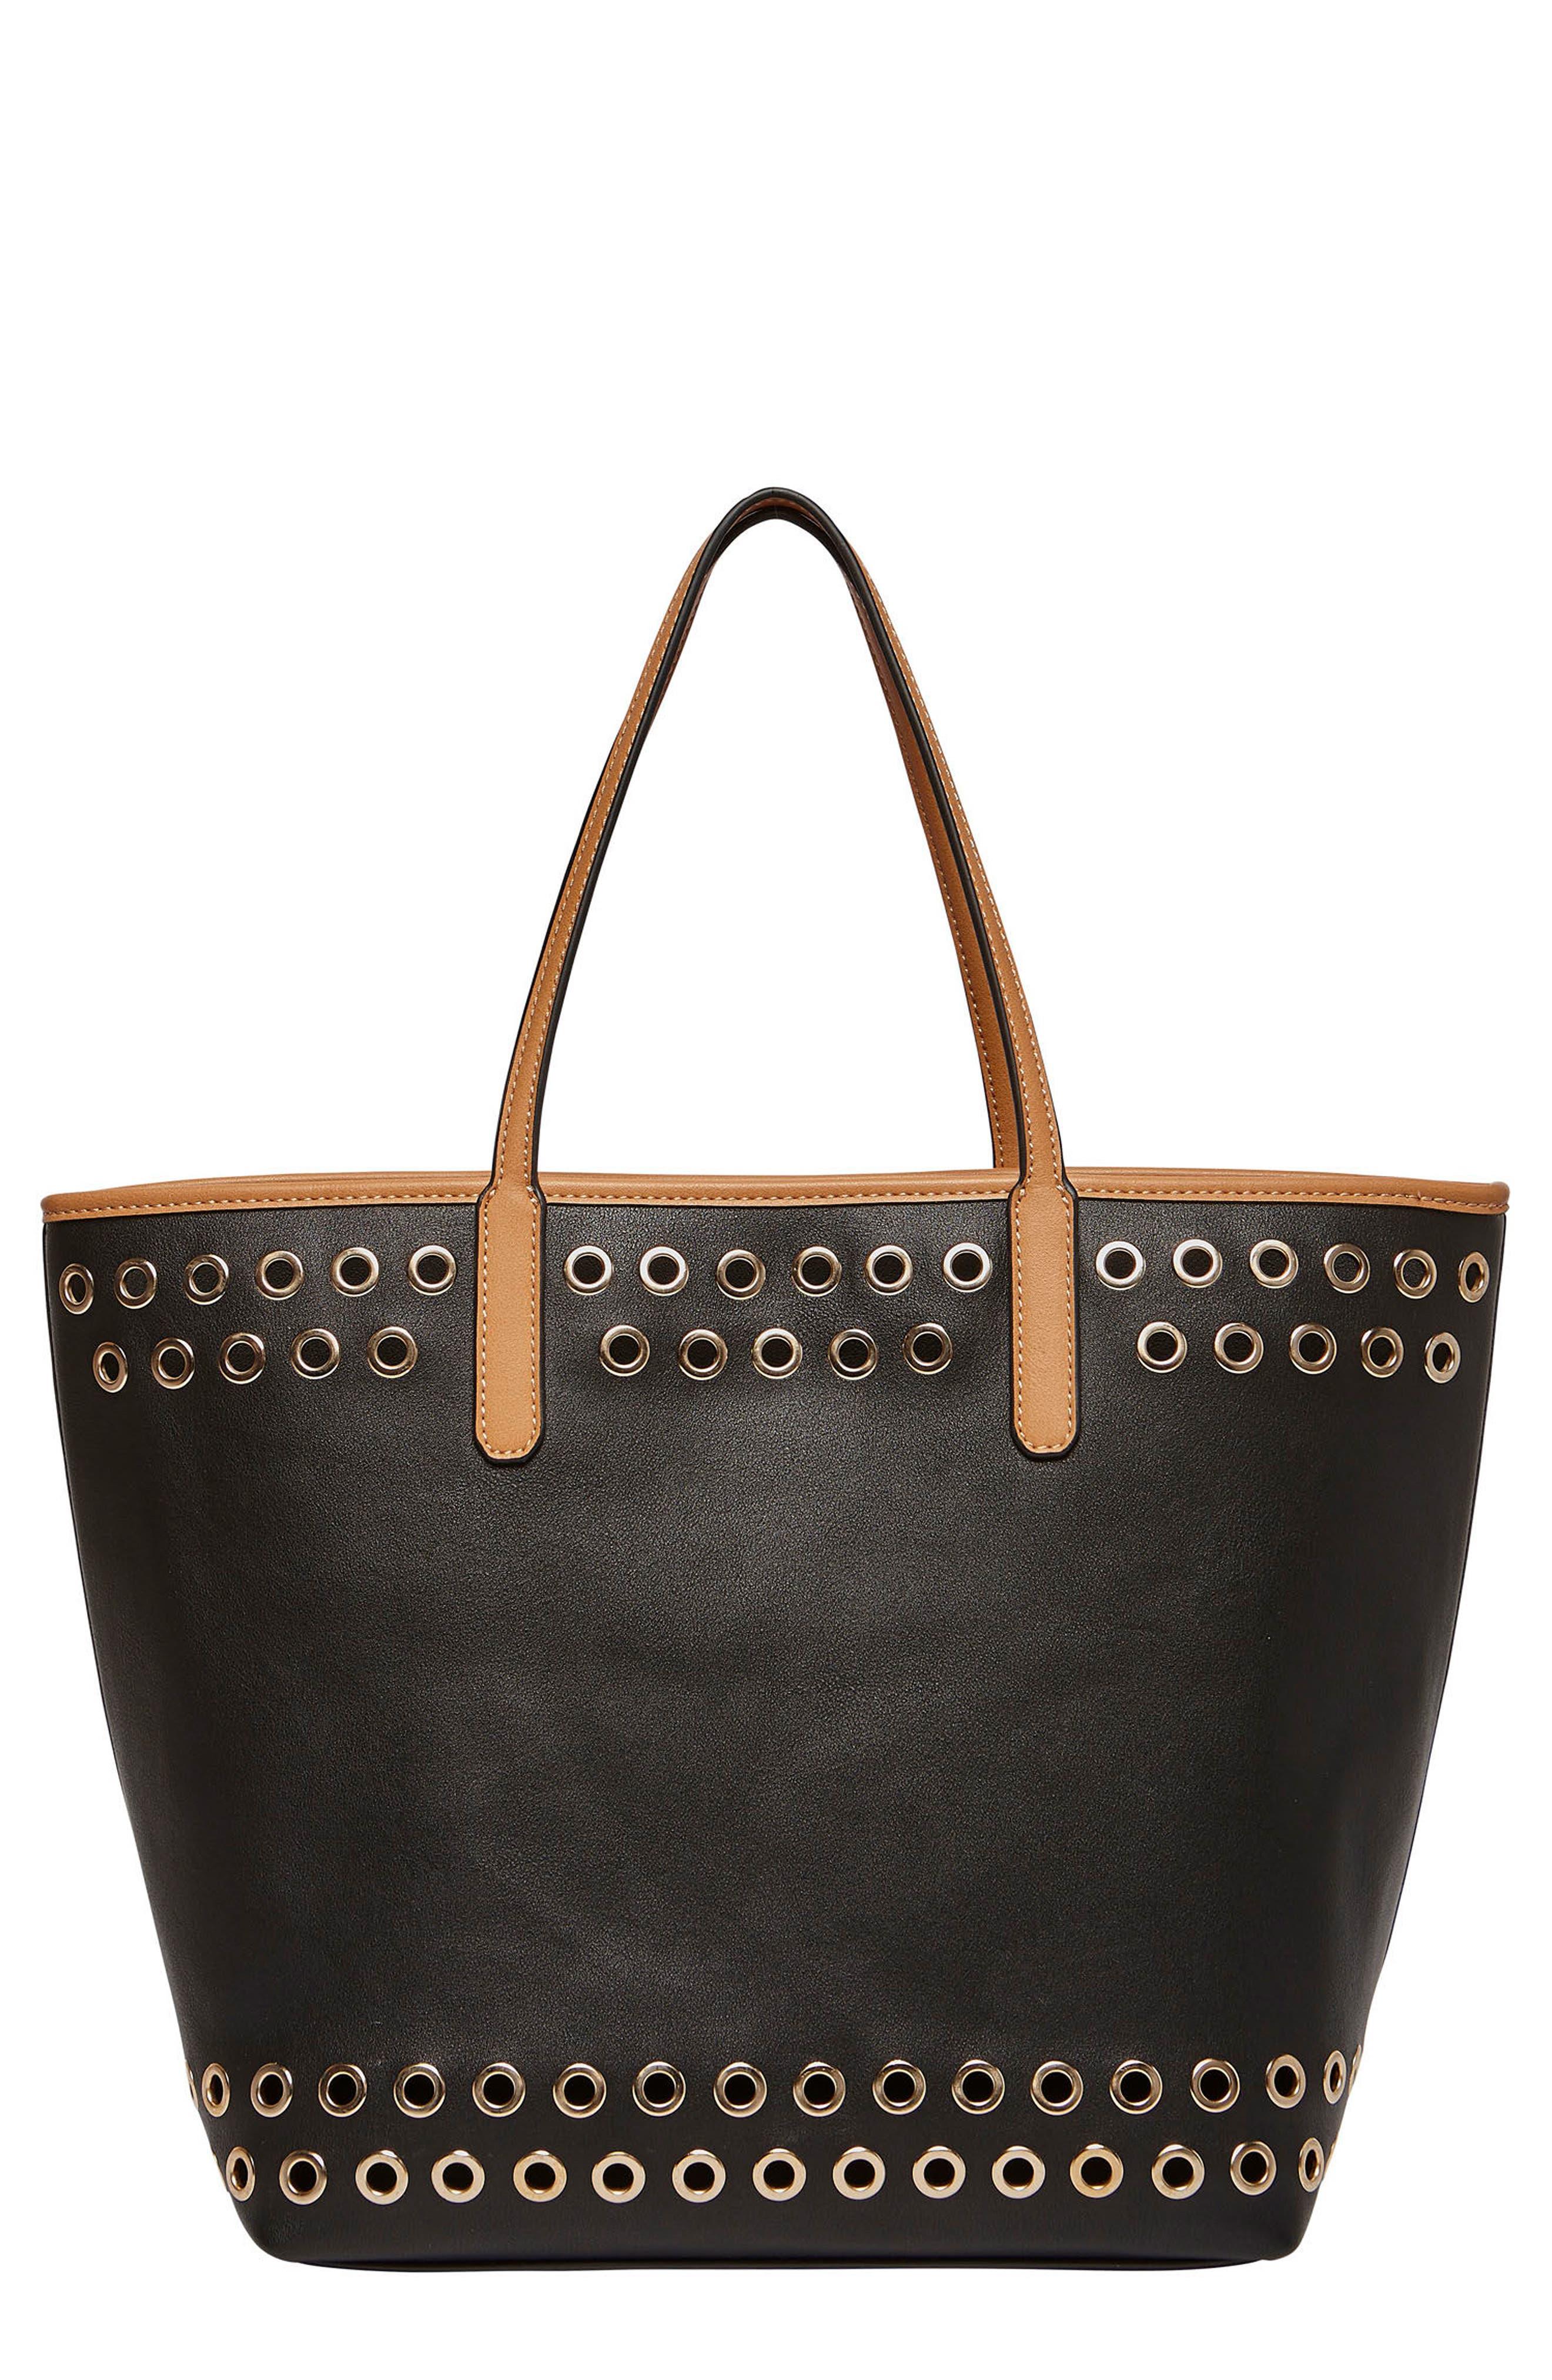 Wonderland Vegan Leather Tote & Shoulder Bag,                         Main,                         color, 001